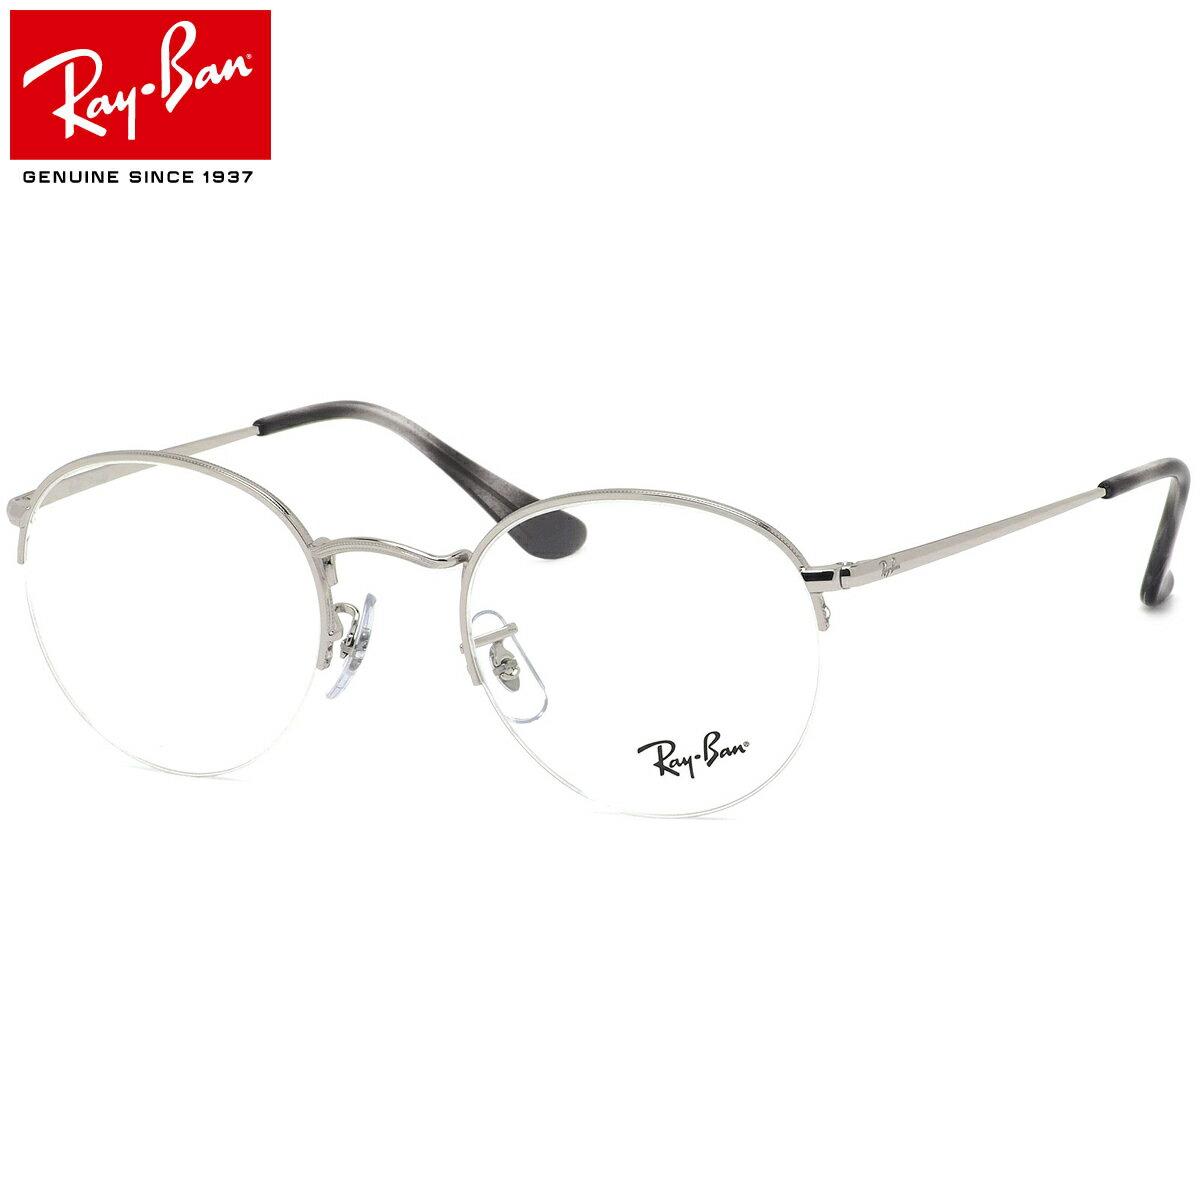 眼鏡・サングラス, 眼鏡  Ray-Ban RX3947V 2501 51 RayBan ROUND GAZE